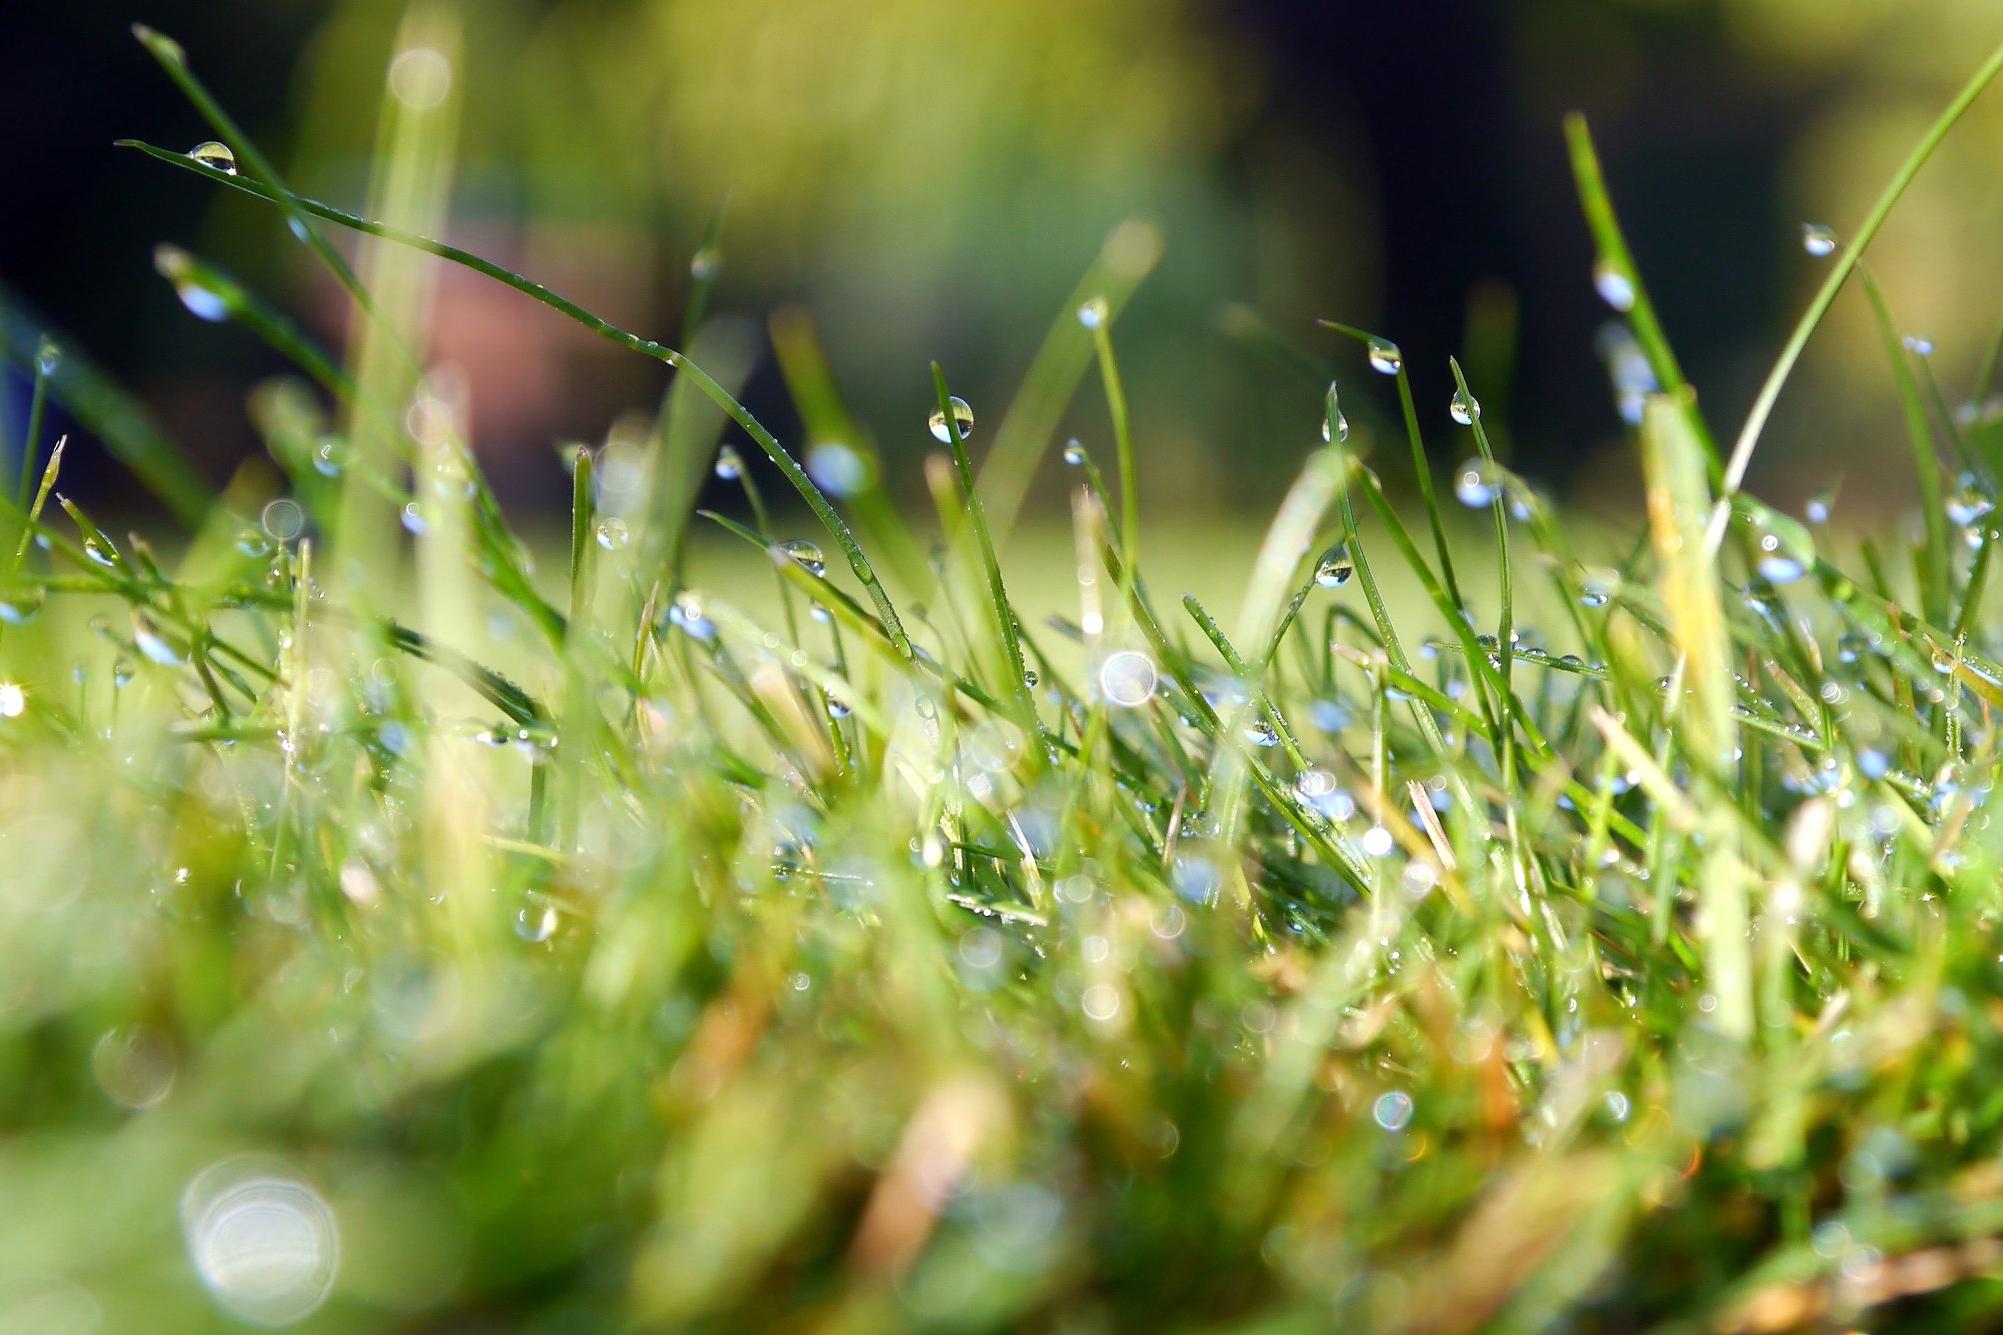 Grass-Blades-of-Green.jpeg